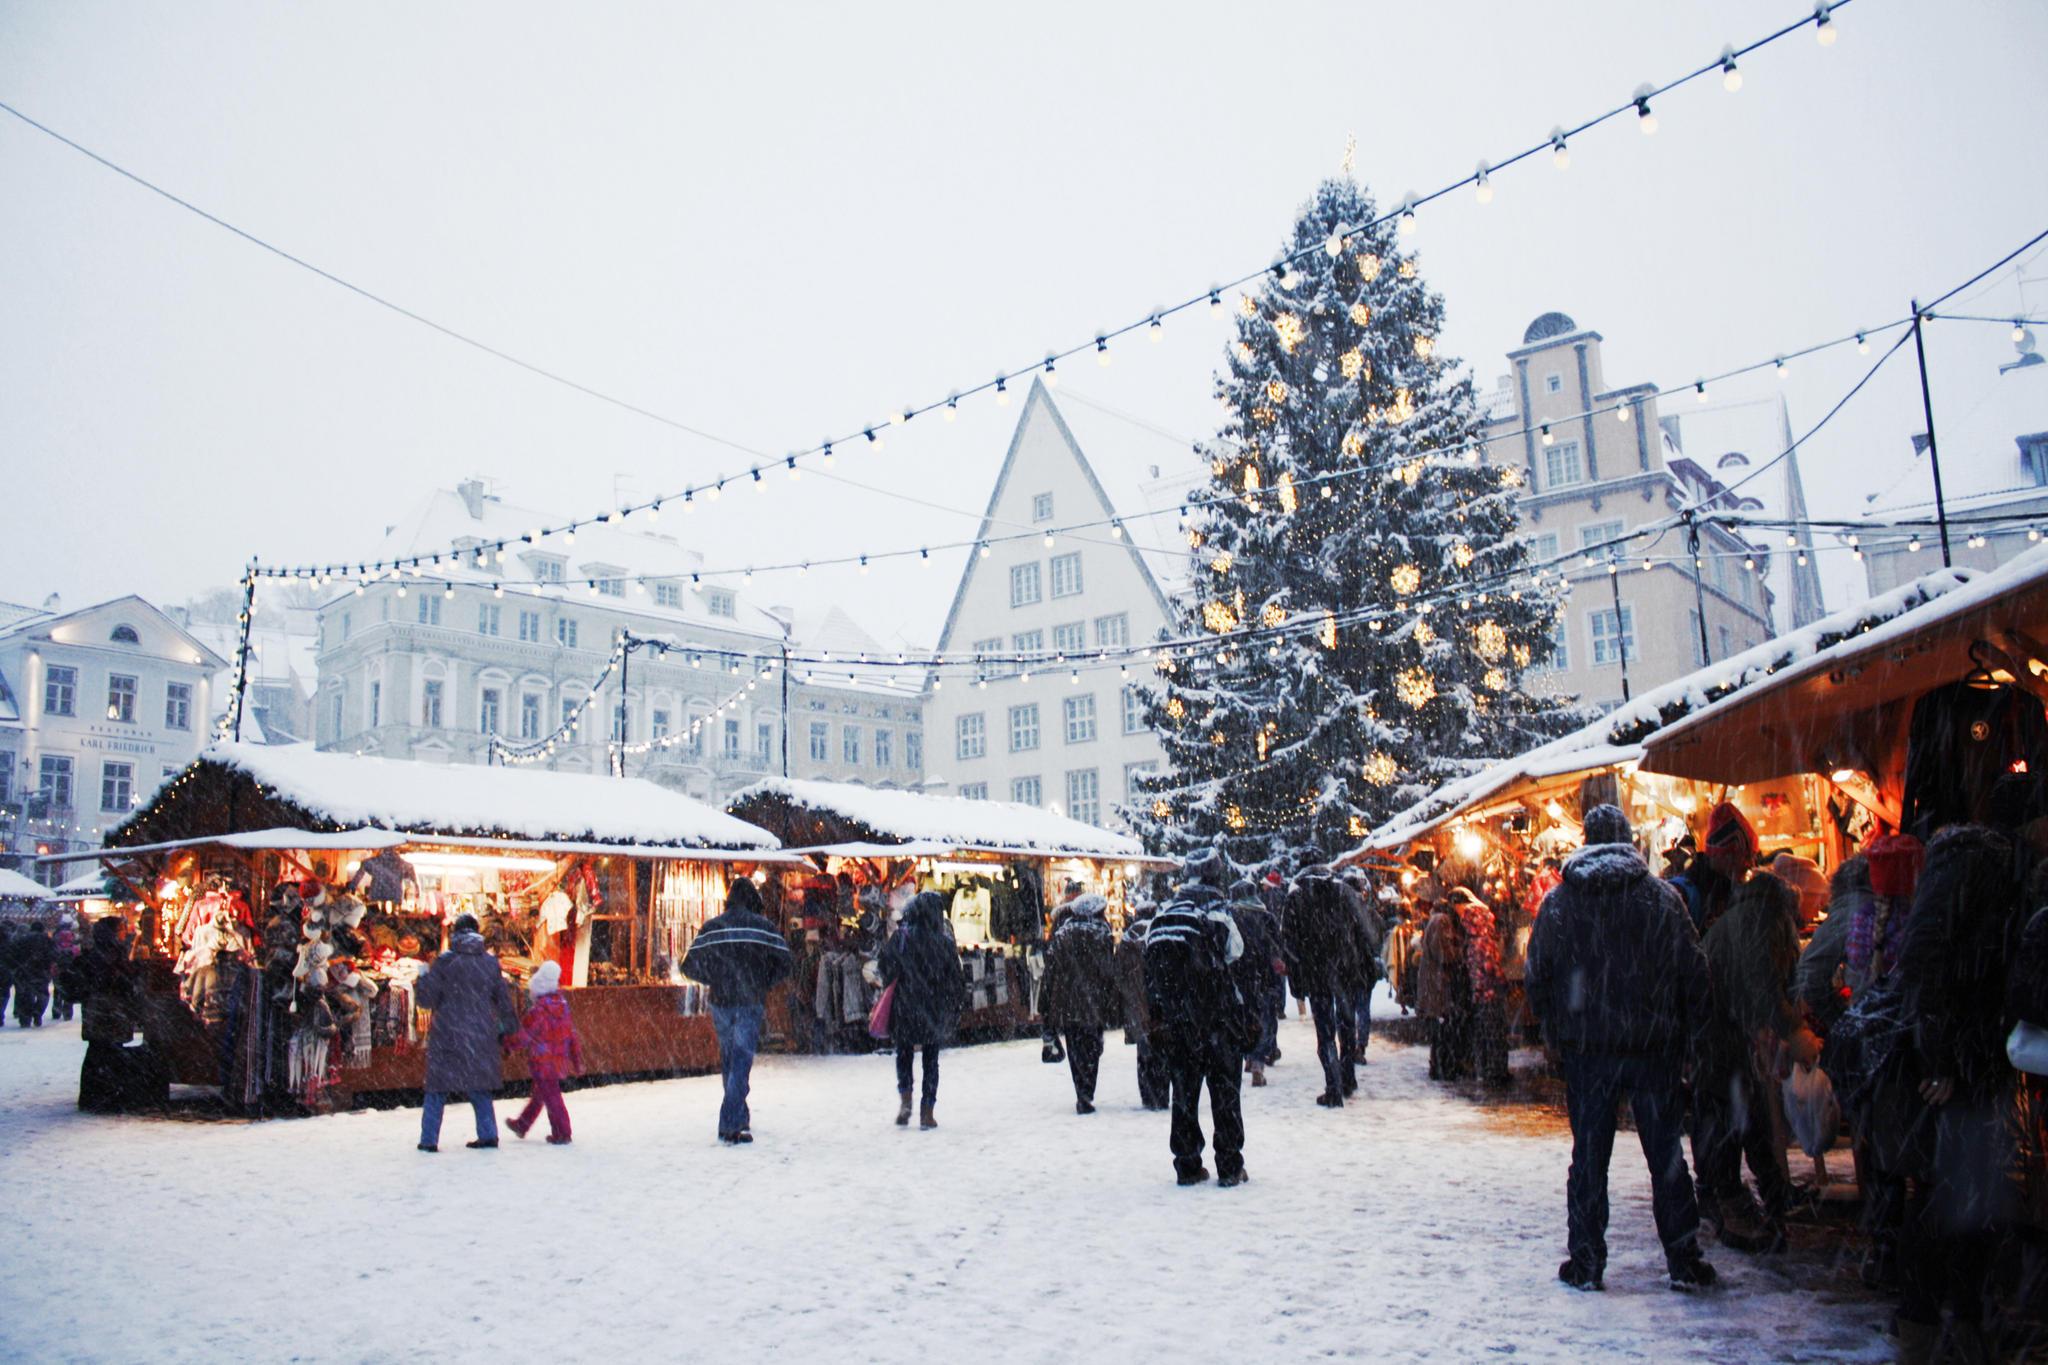 Weiße Weihnachten: Verschneiter Weihnachtsmarkt